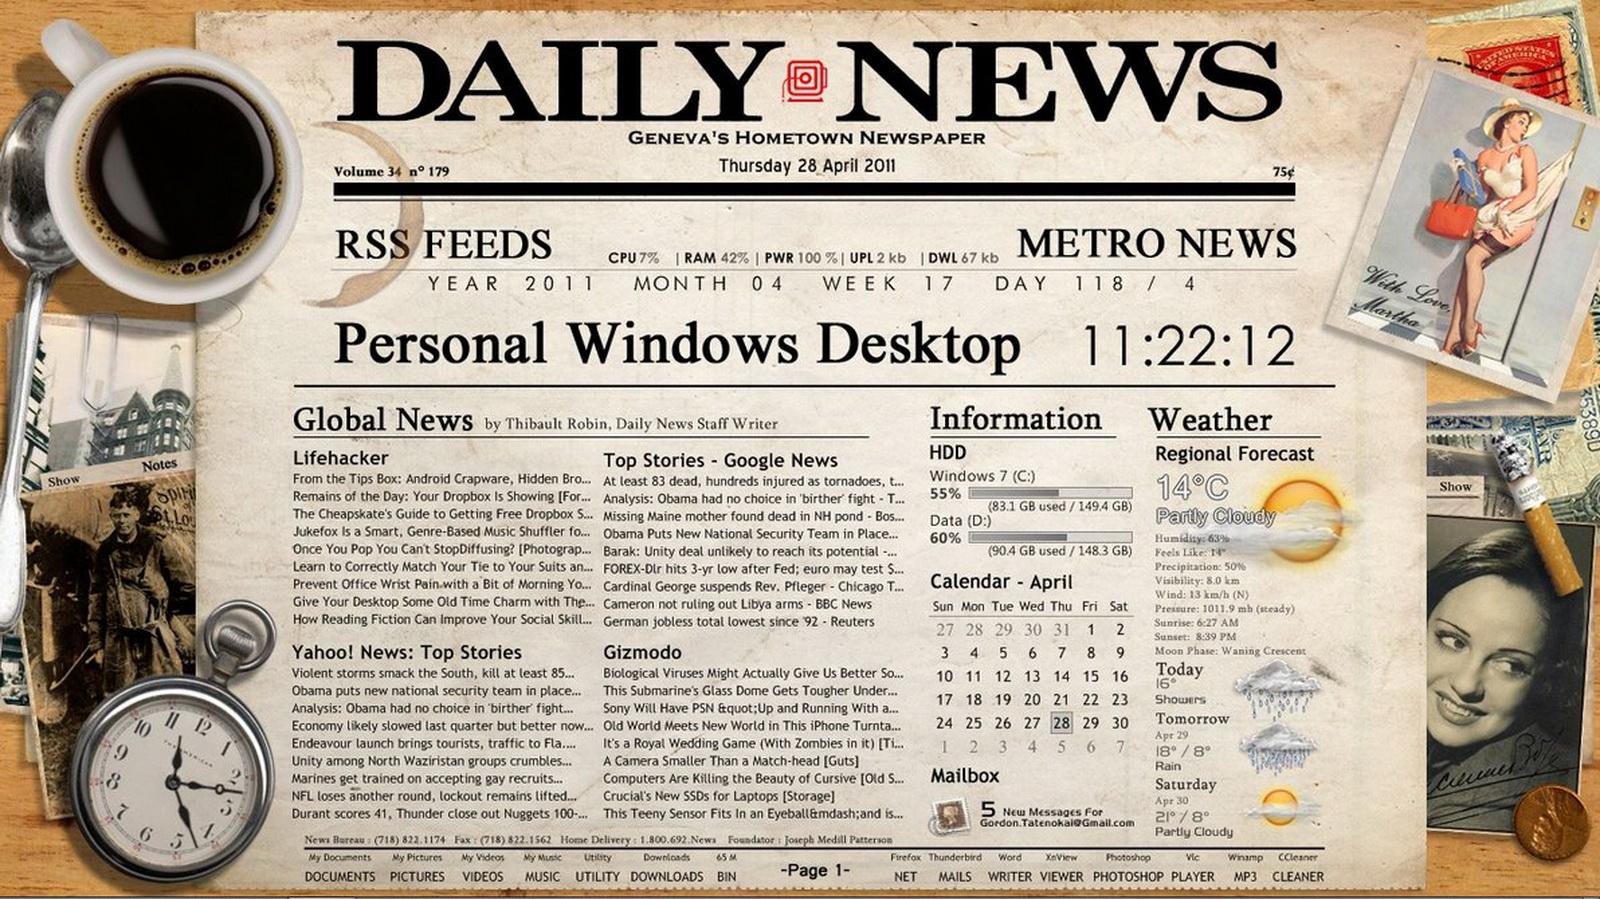 Огляд друкованої преси від LDaily